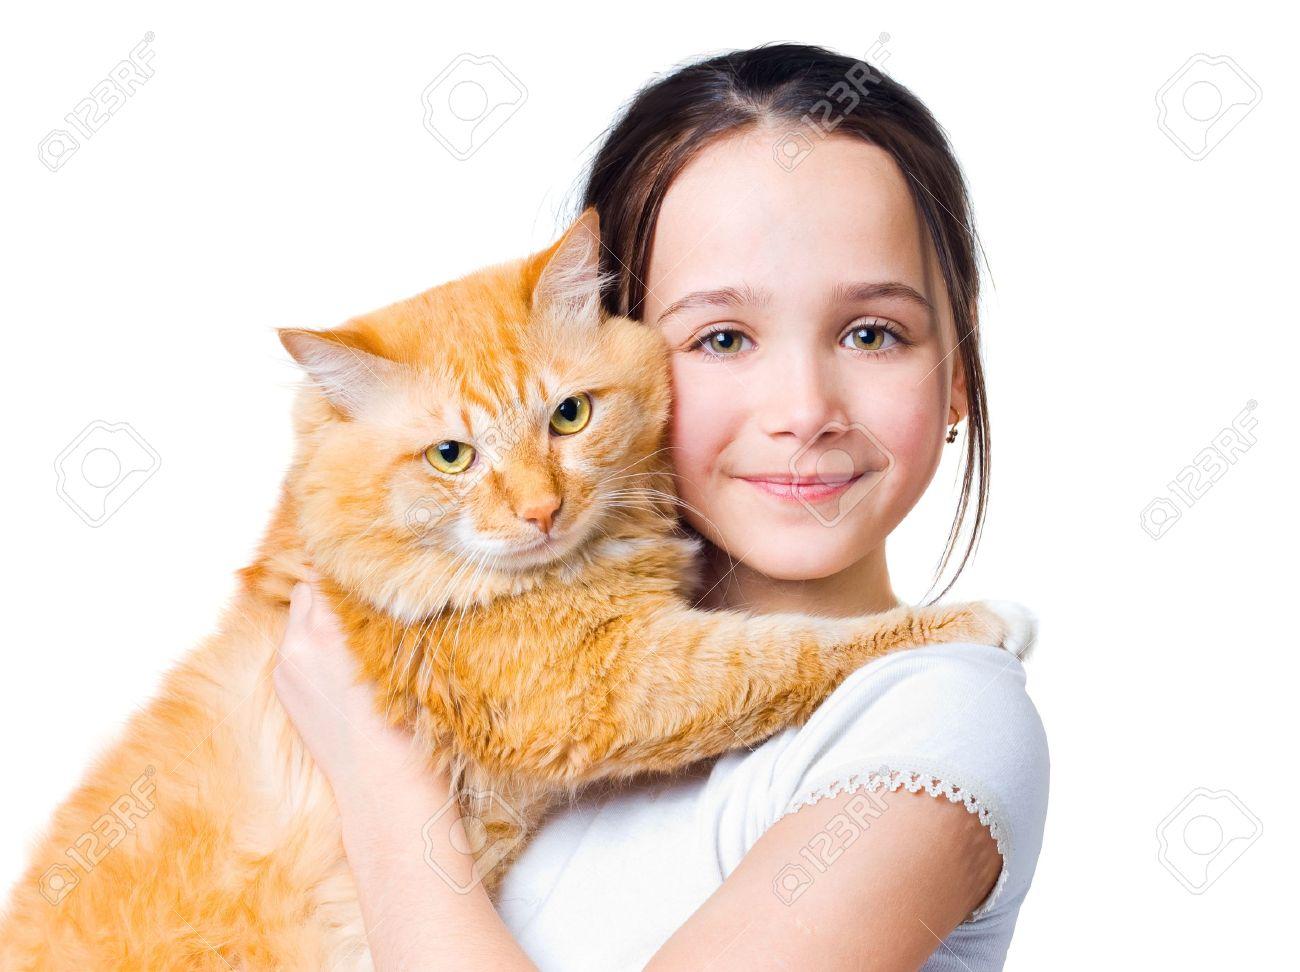 Кот в руках у девушки картинки